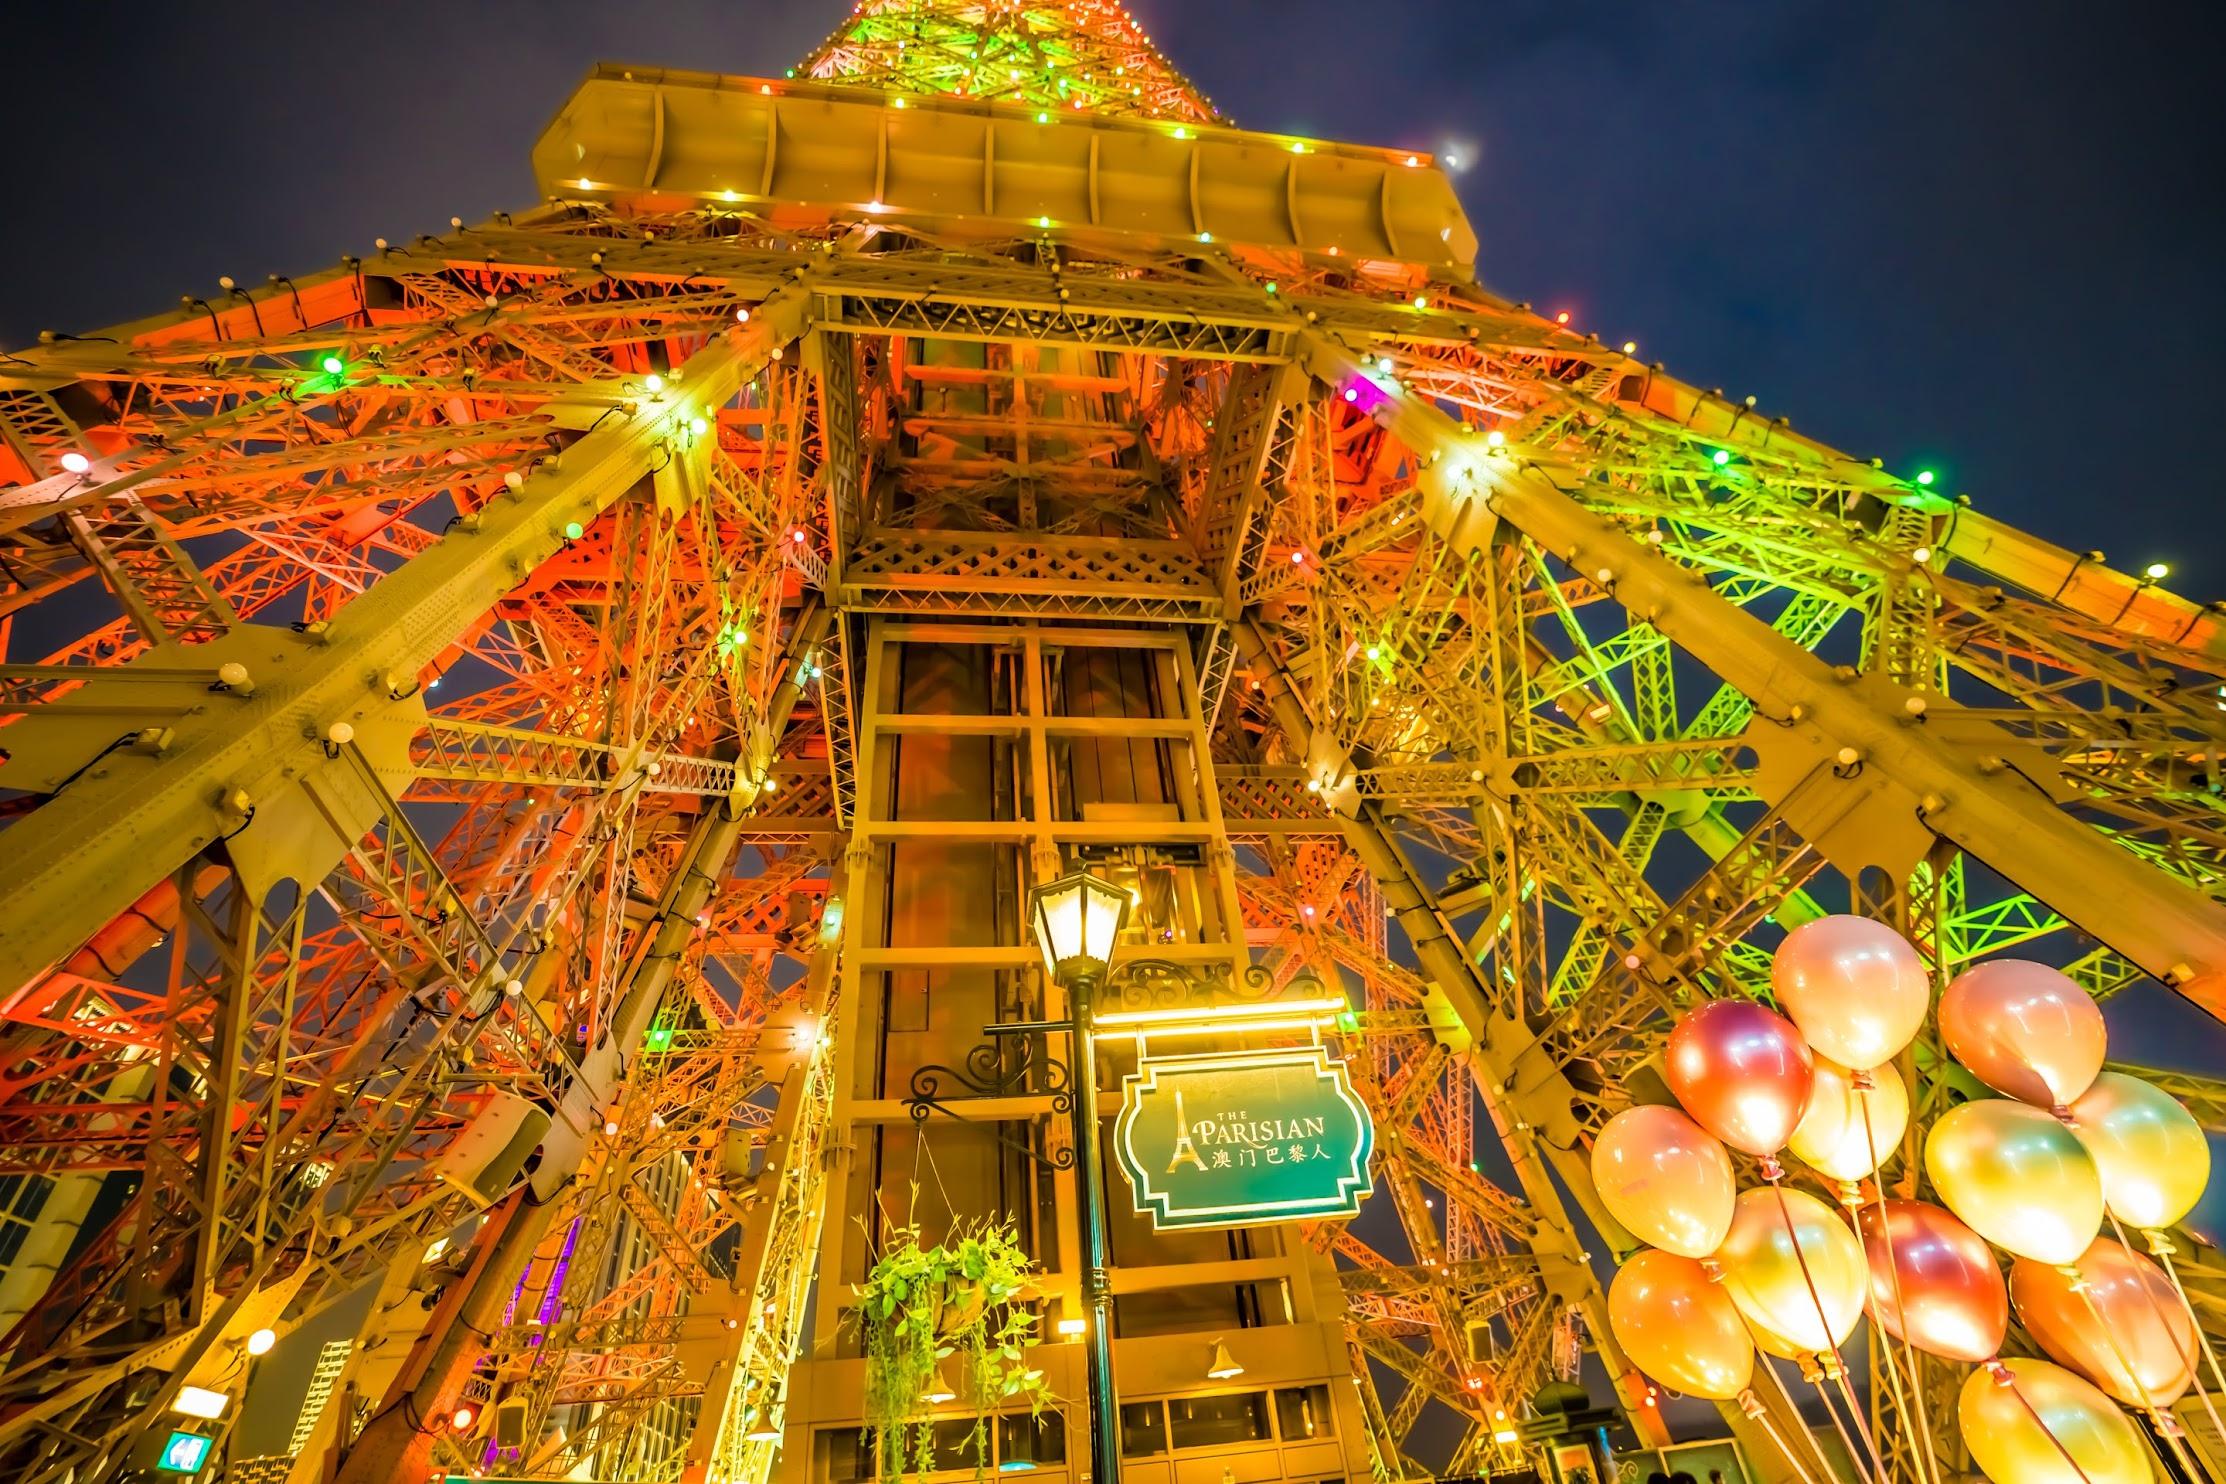 Parisian Macao Eiffel Tower light-up2